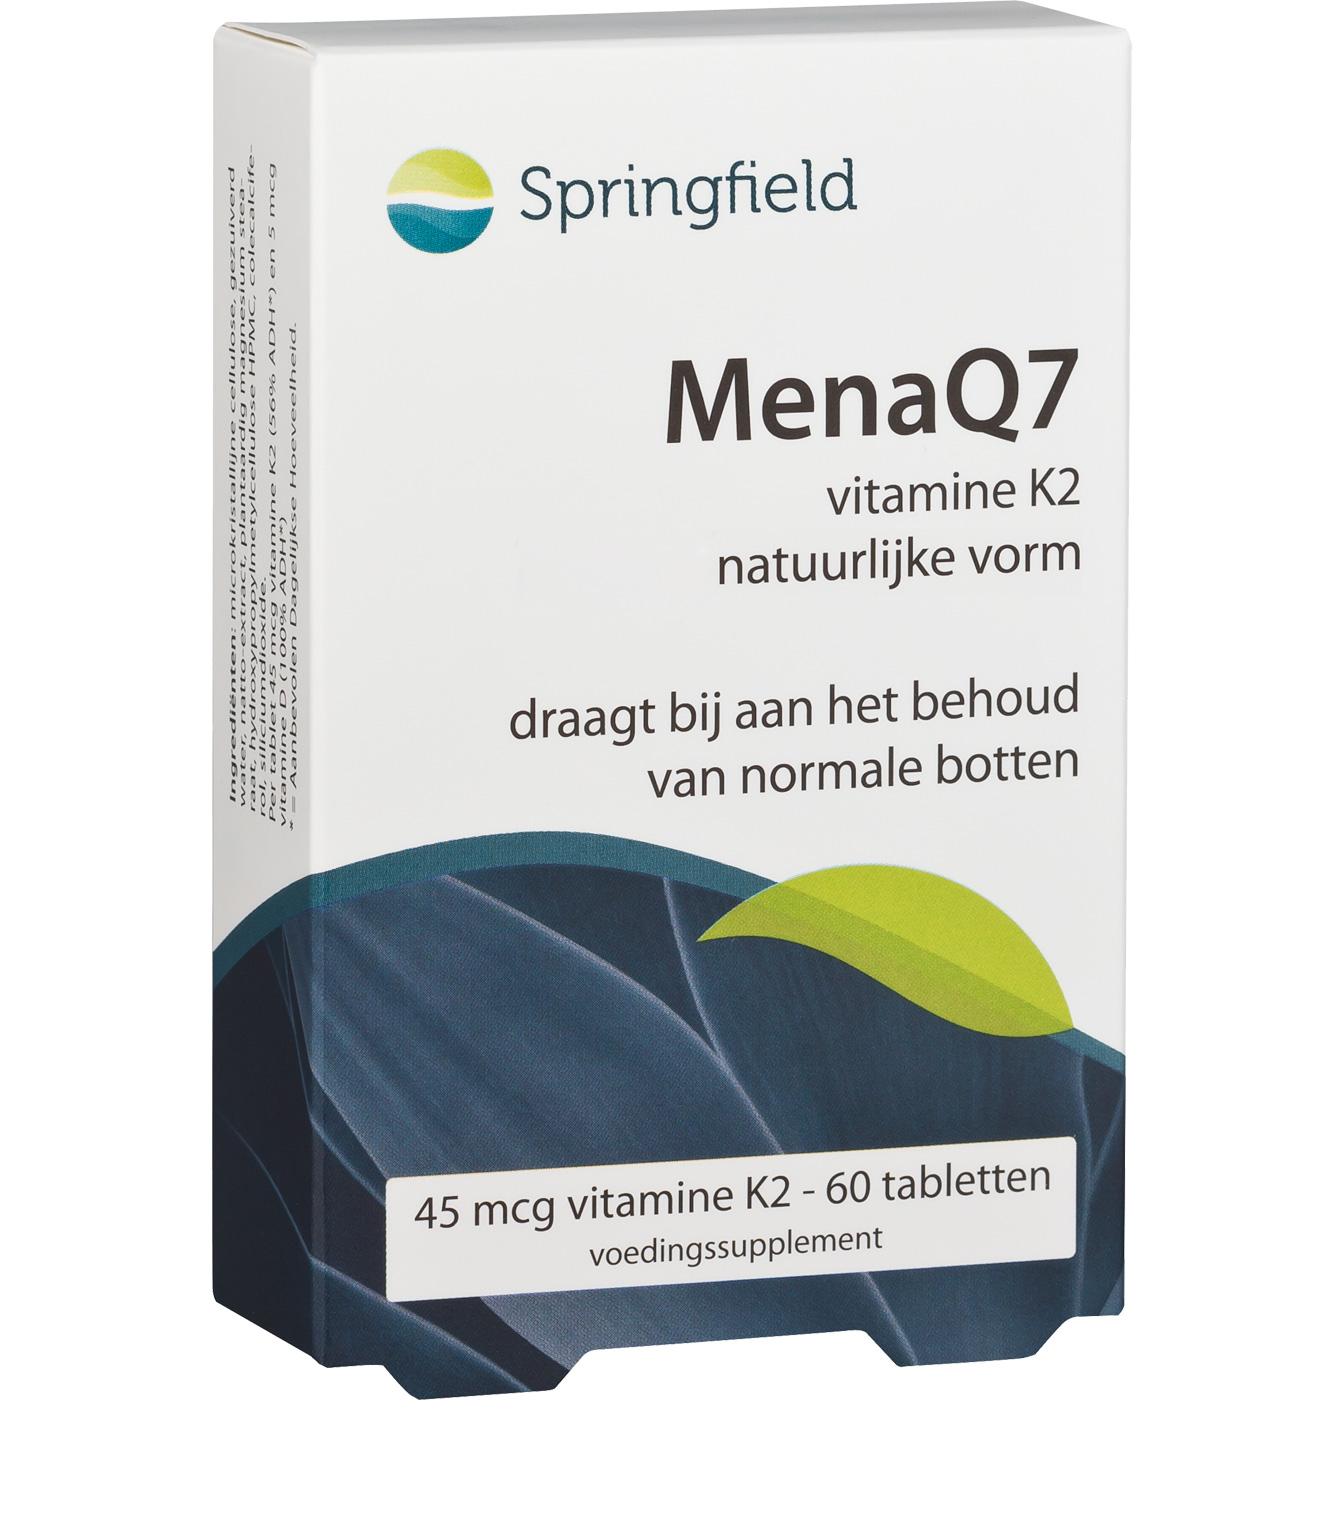 MenaQ7-45mcg-vitamine-K2-menaquinon-7